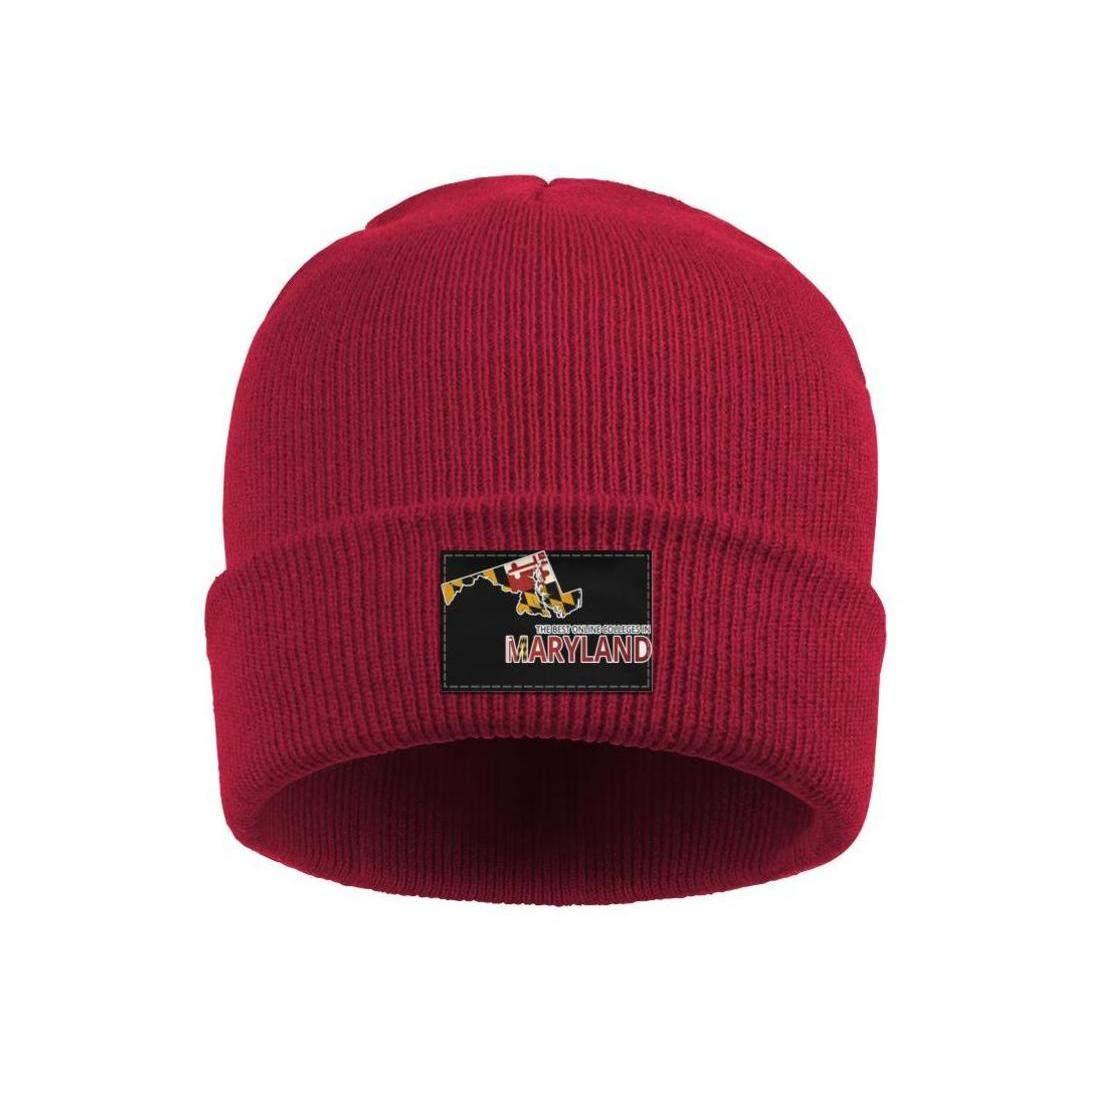 FYFYOK Mens Slouchy Beanie Hat Winter Hats The Best Online Colleges Warm Cap